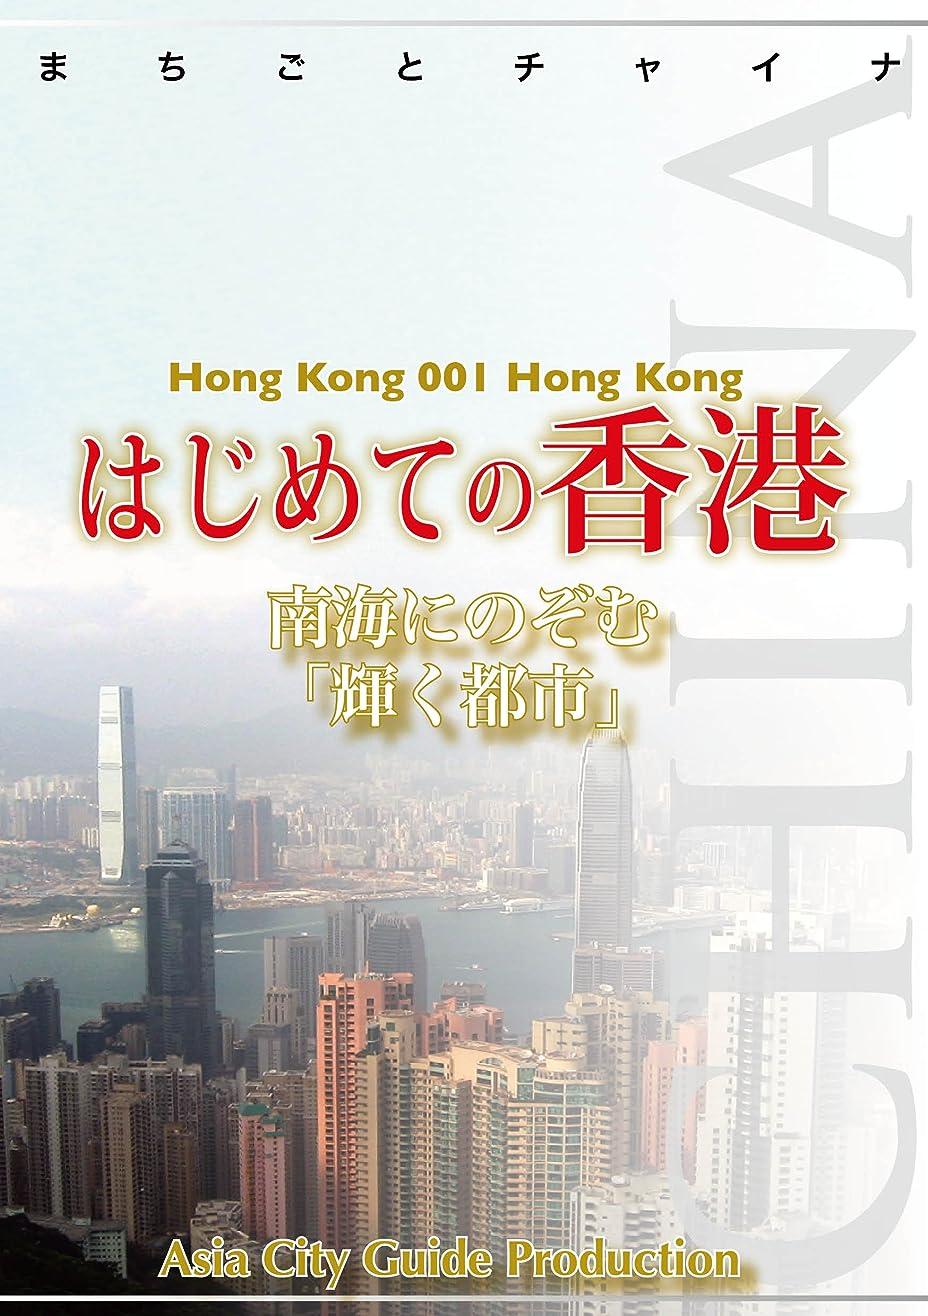 資本ウナギ洞察力のある香港001はじめての香港 ~南海にのぞむ「輝く都市」 まちごとチャイナ